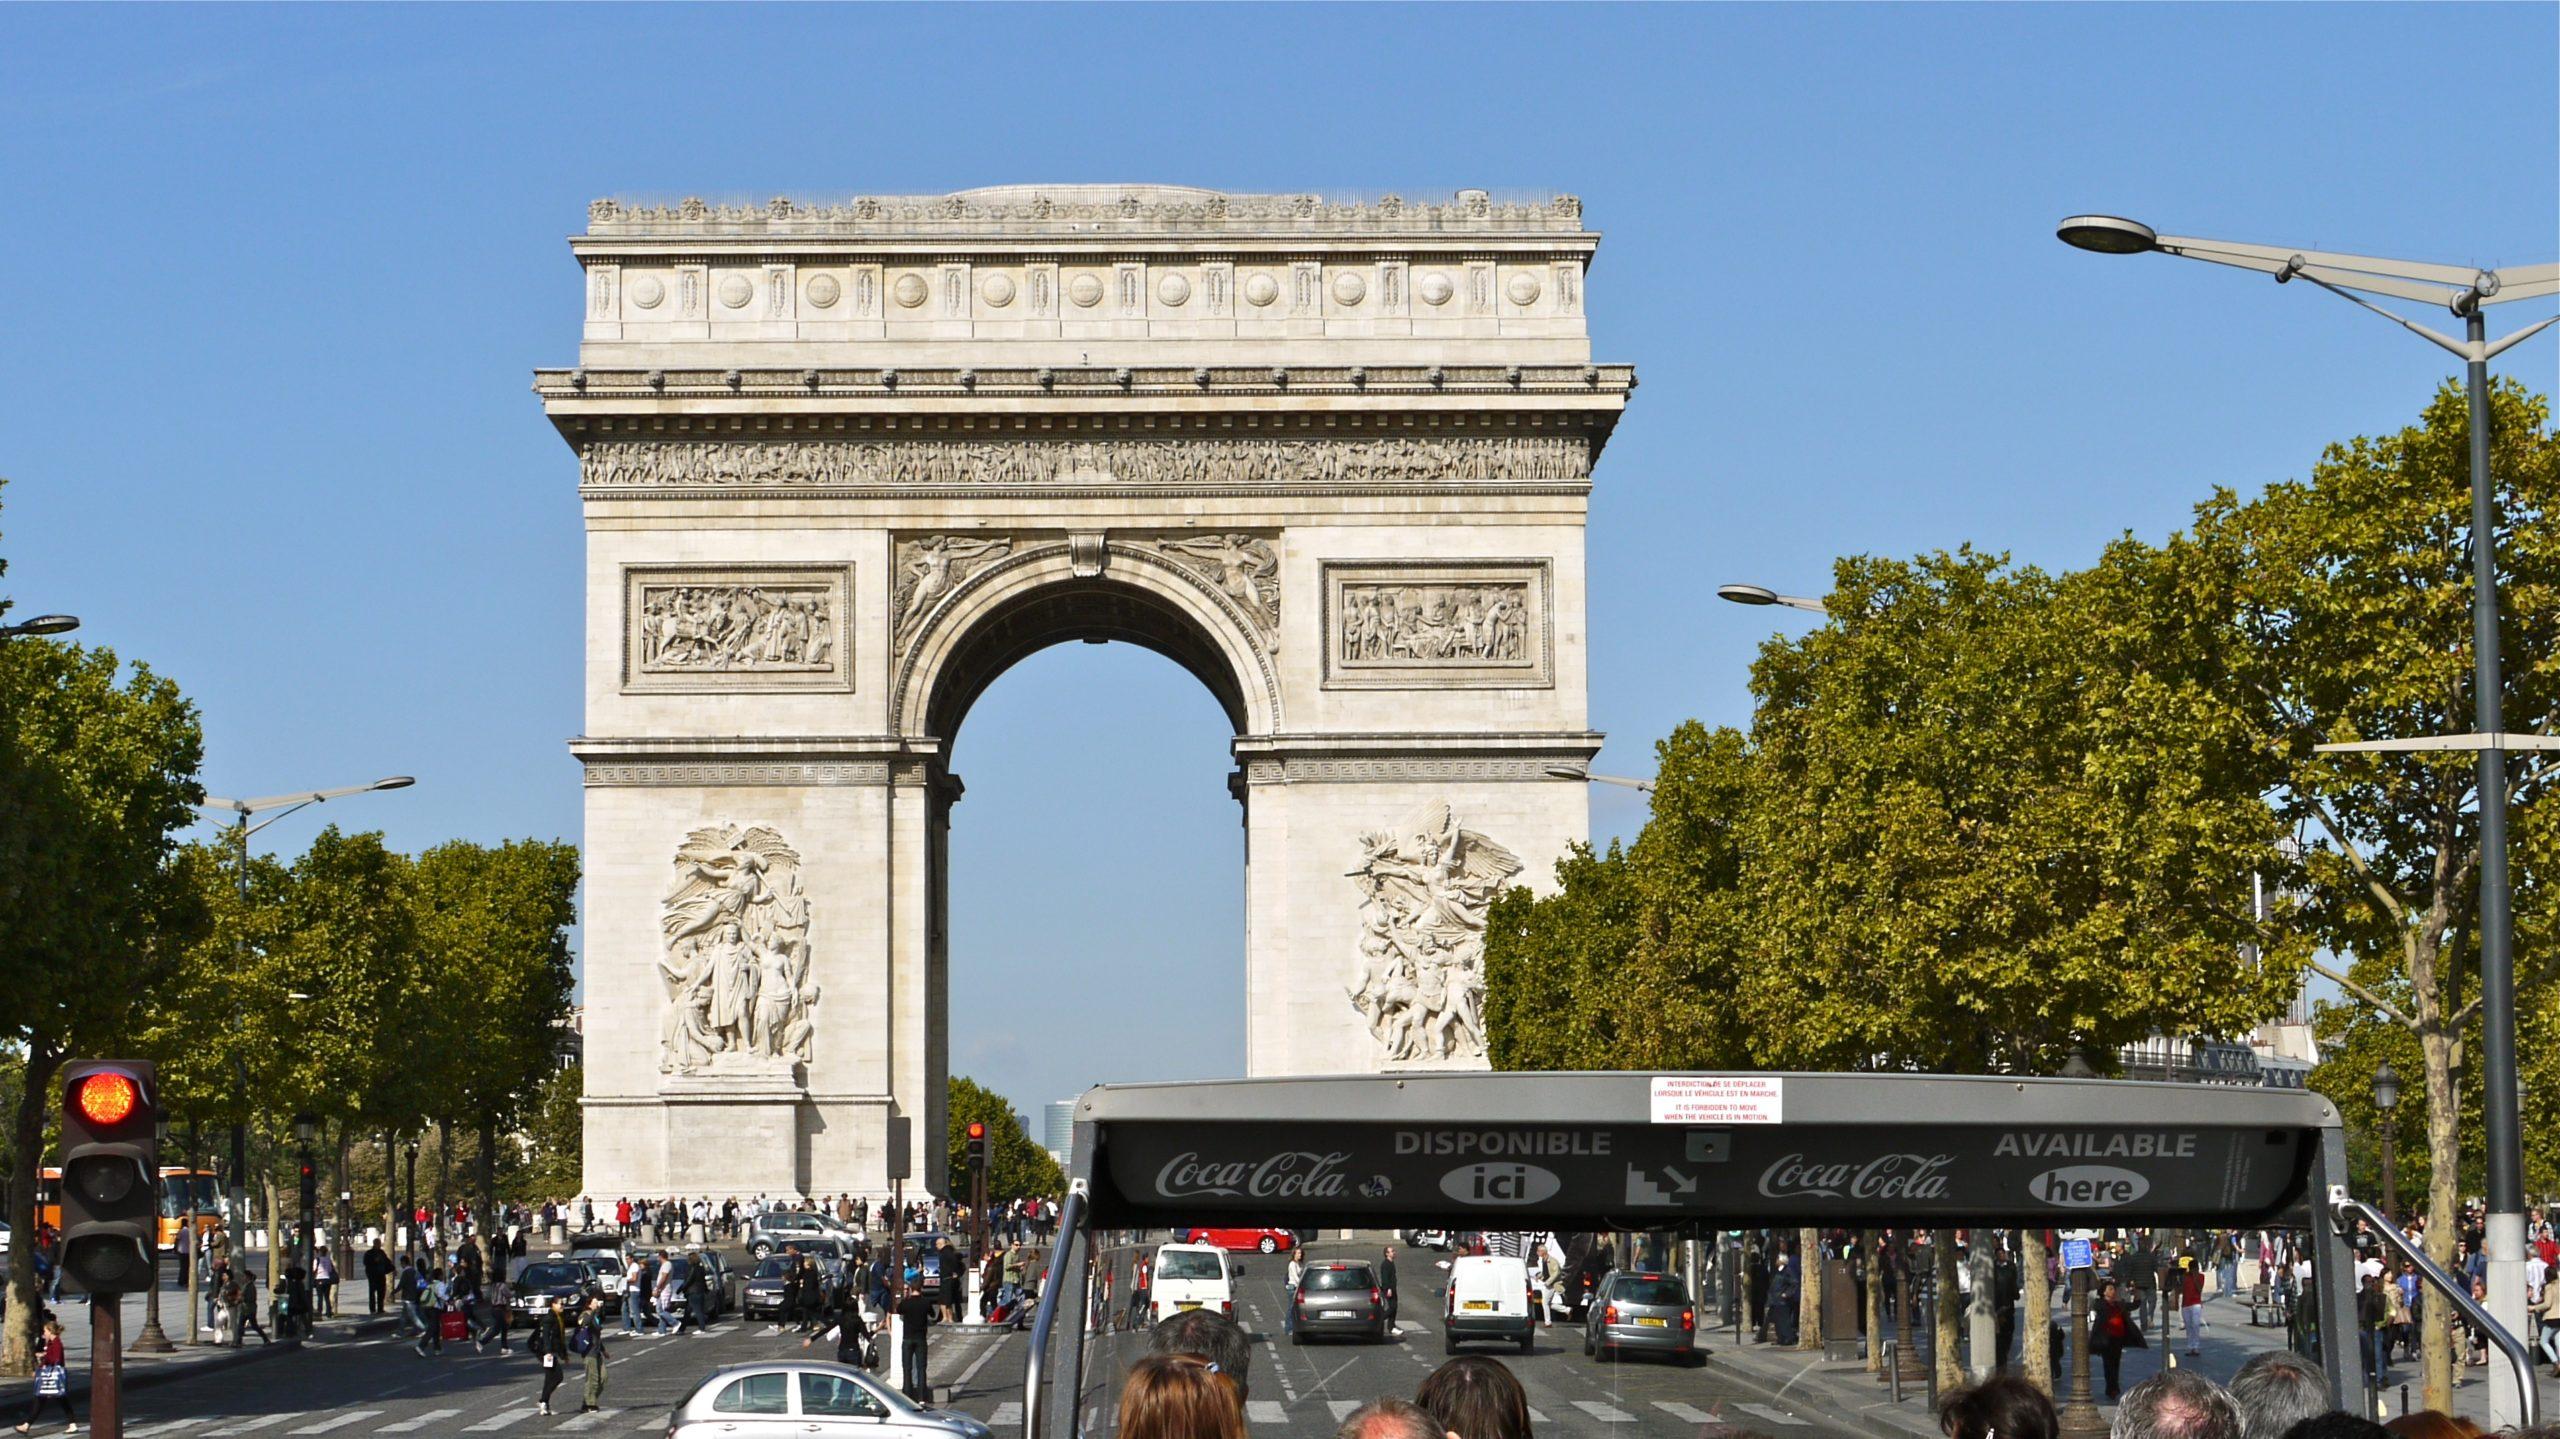 P1080957 France Paris lavenue des Champs Elysees et lArc de Triomphe vus dun bus de lOpen Tour 5629172551 scaled